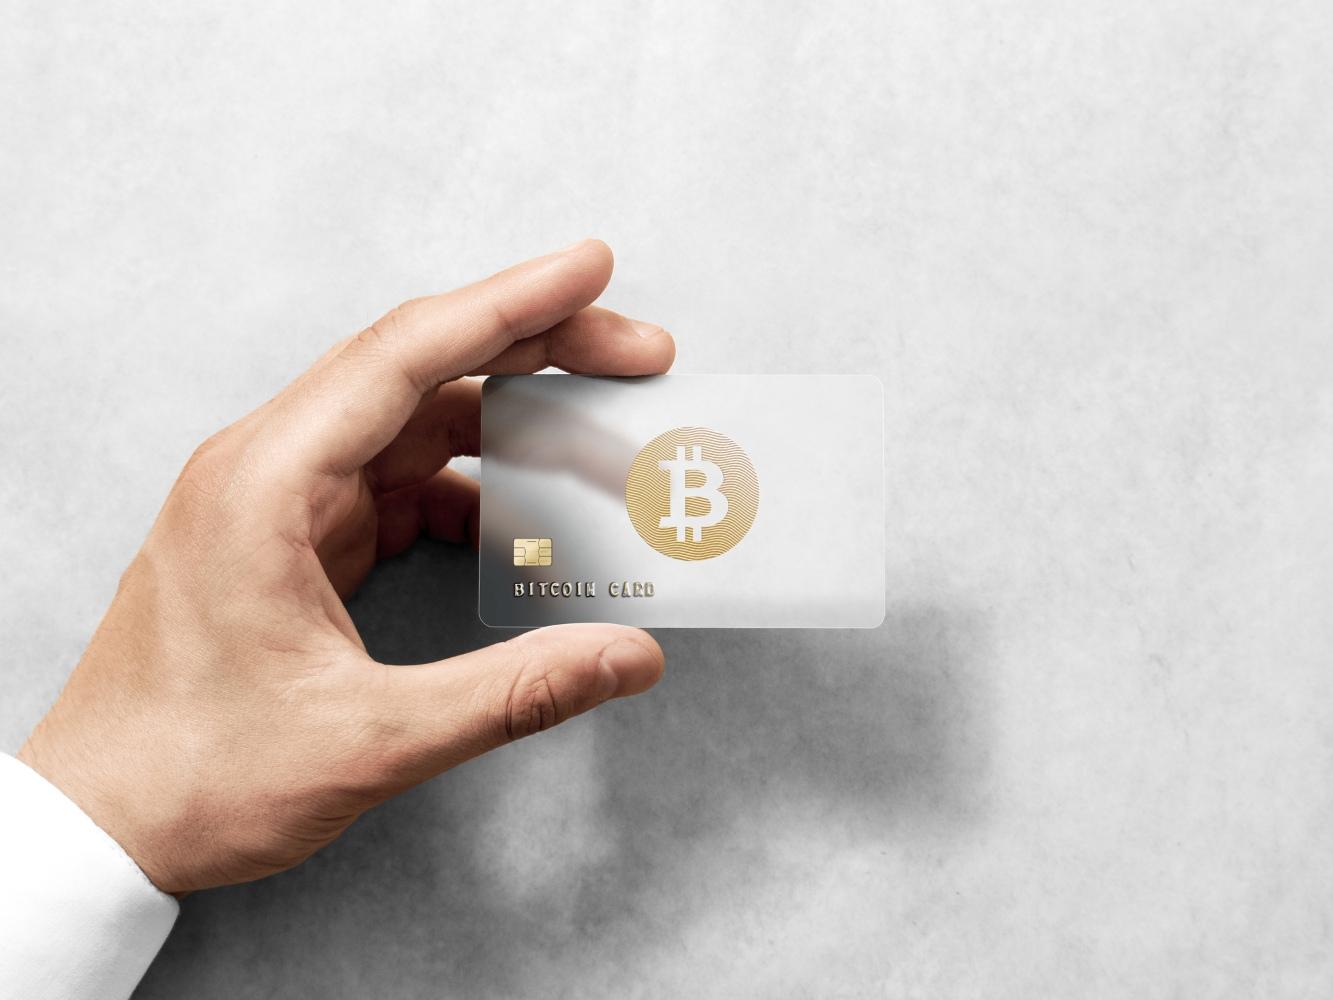 Cartão com o símbolo Bitcoin